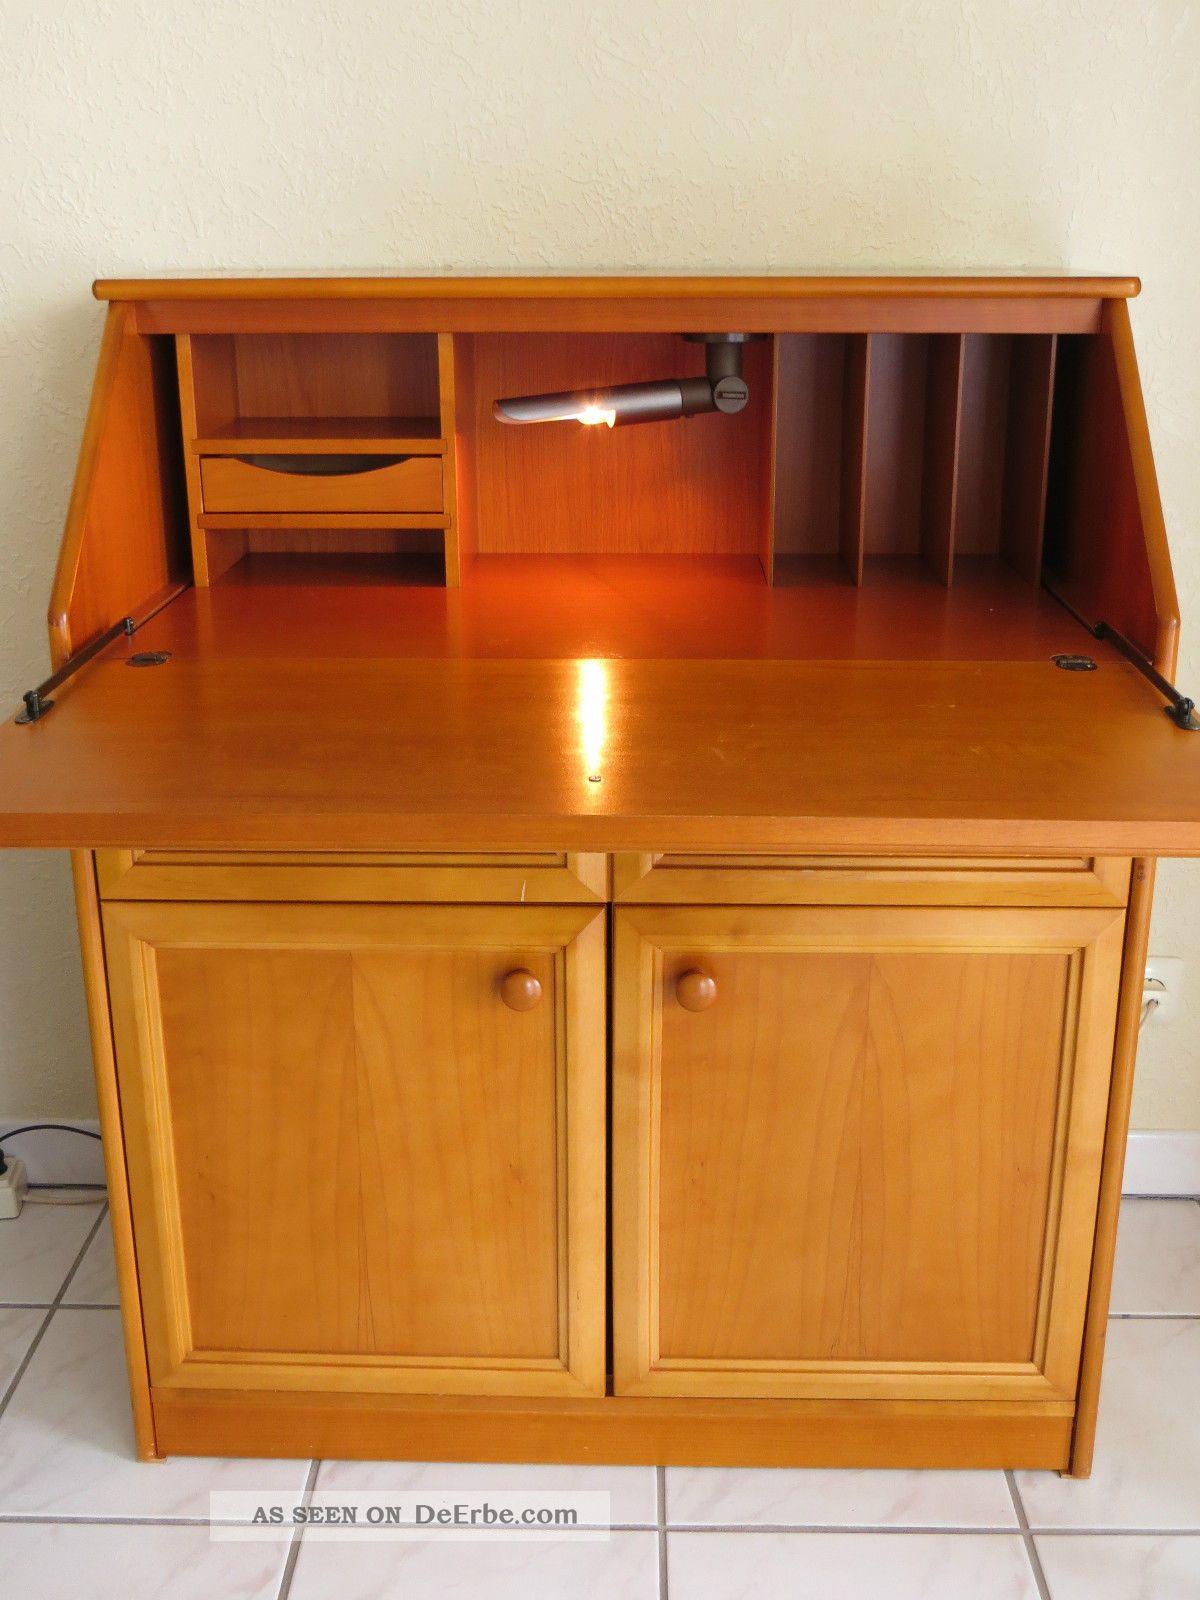 Mobiliar & Interieur - Sekretäre - Stilmöbel nach 1945 - Antiquitäten